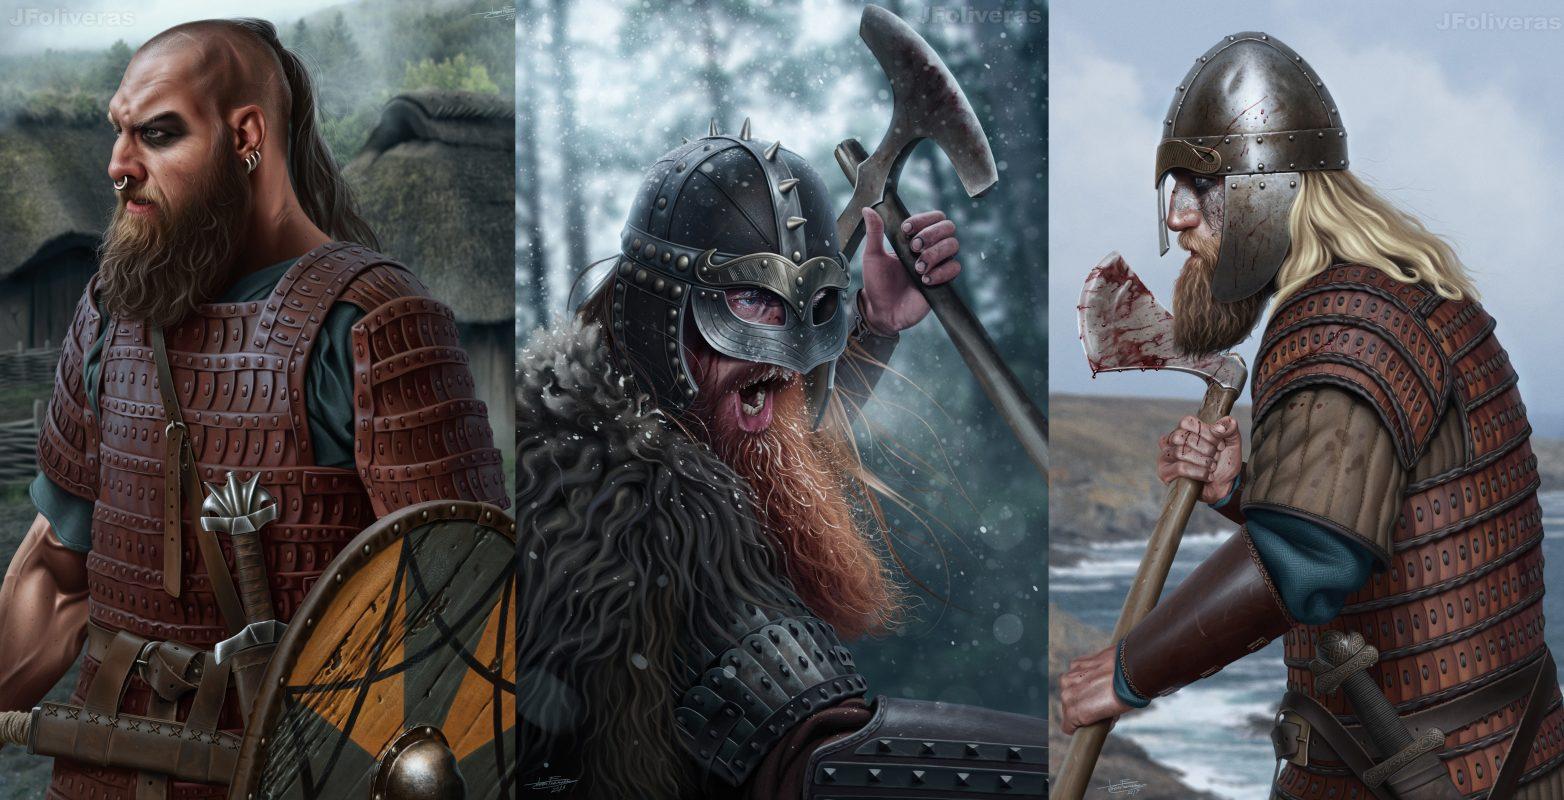 joan francesc oliveras викинги ярлы конунги скандинавия север борода топор длинные волосы рисунок эскиз арт